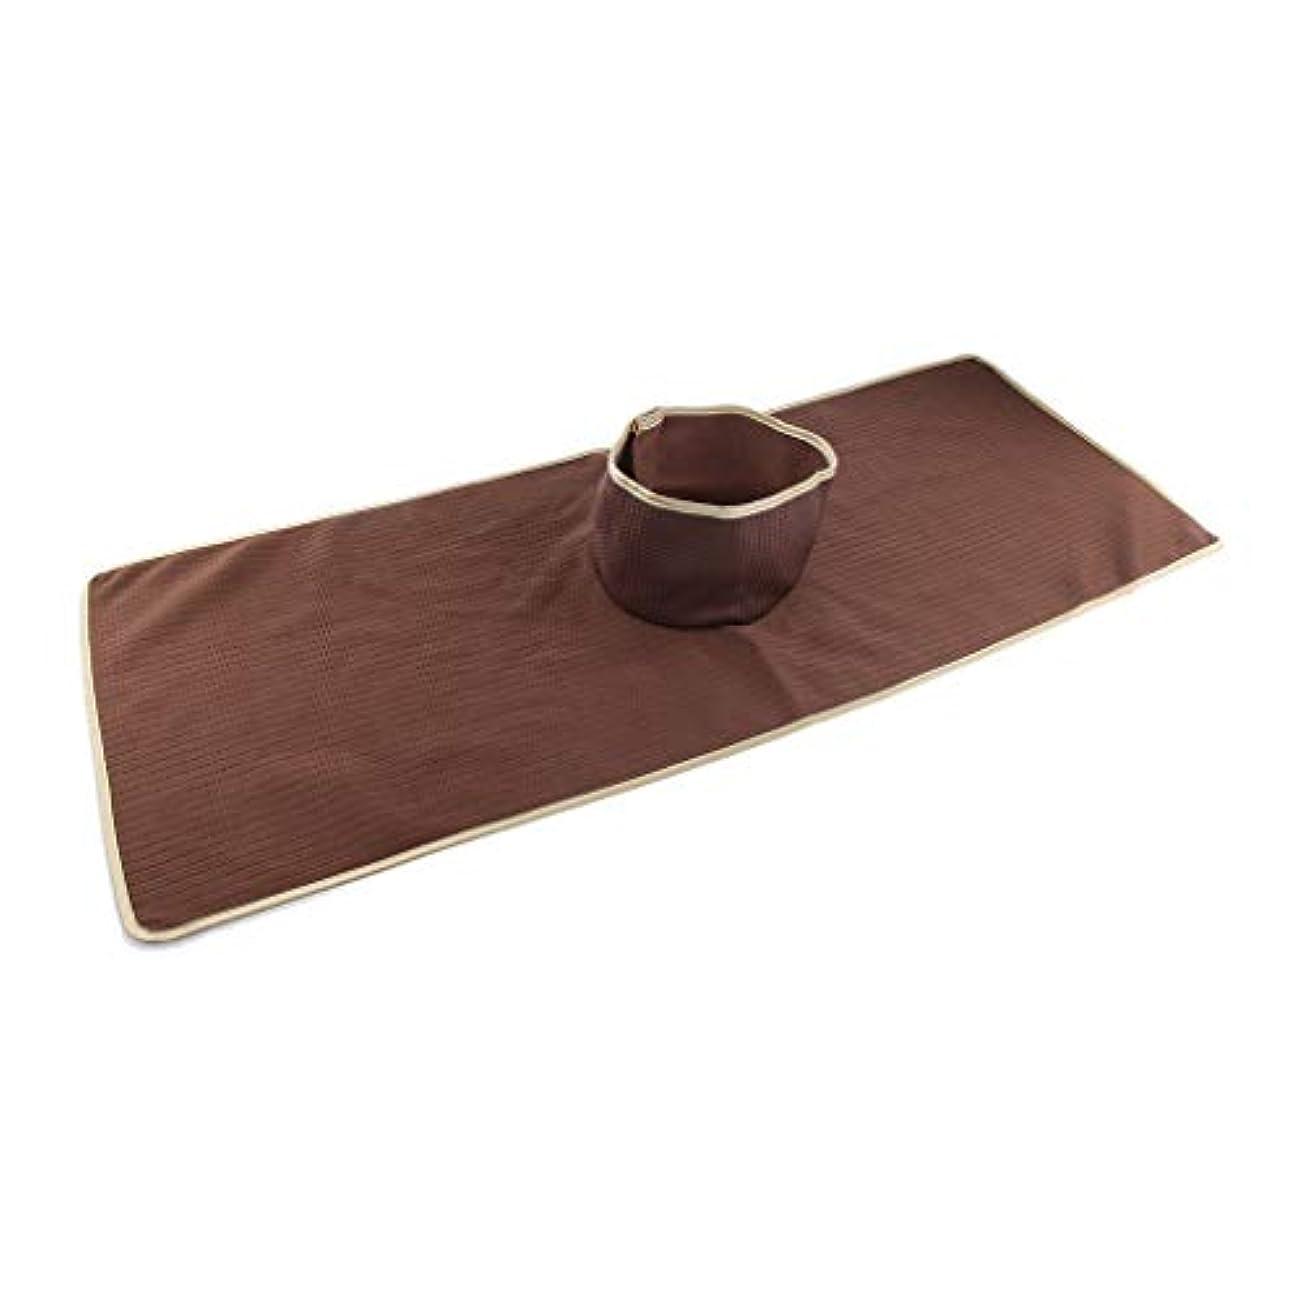 サイバースペースカップケイ素サロン 美容院 マッサージのベッド パッド 穴付き 洗える 約90×35cm 全3色 - コーヒー